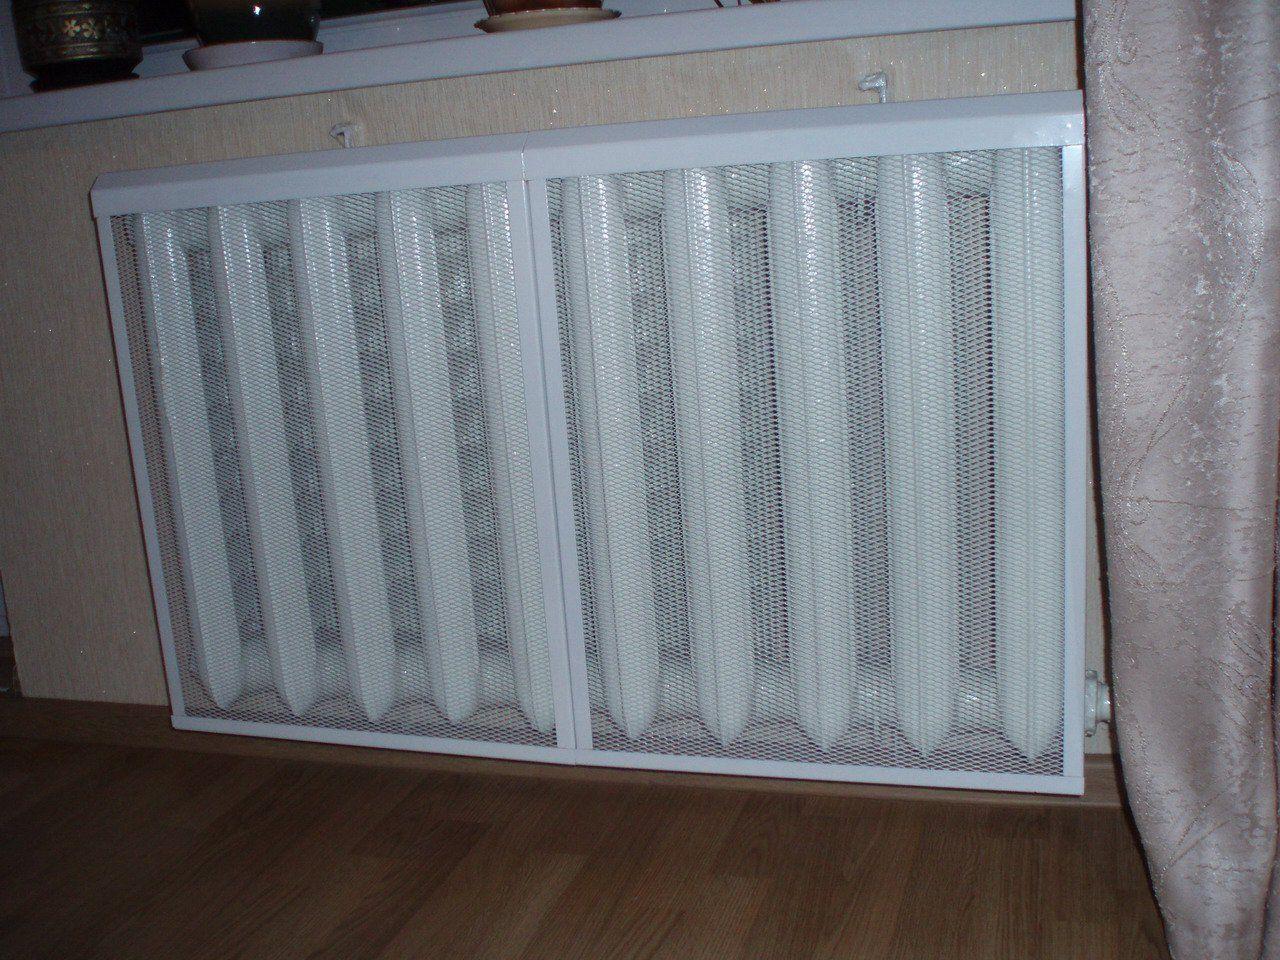 Экраны для батарей отопления (радиаторов) обладают высокой теплоотдачей.